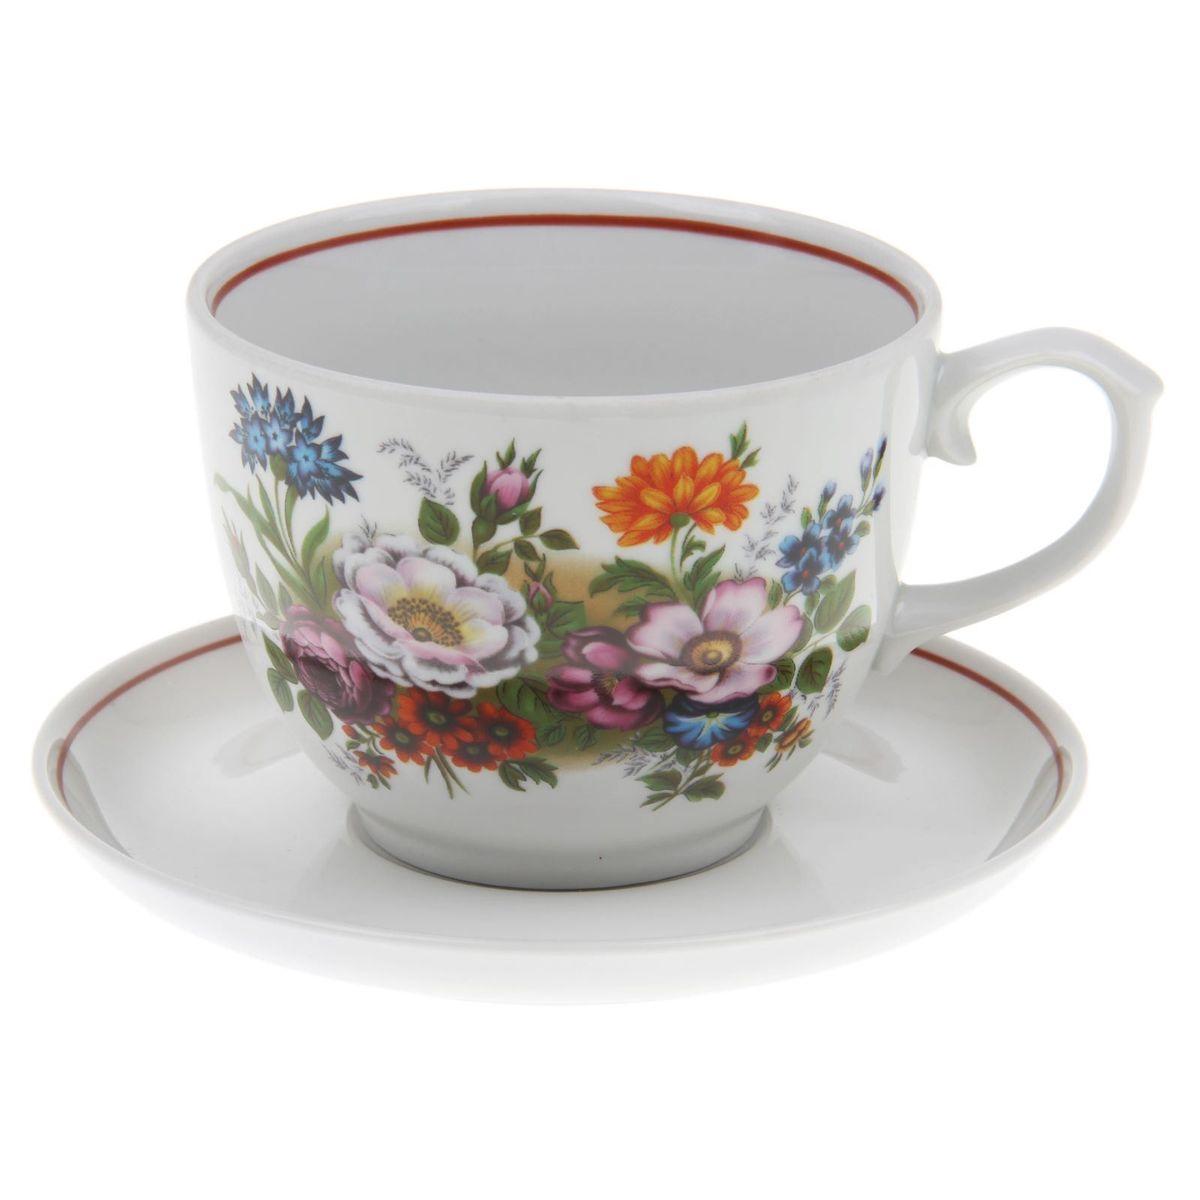 Чайная пара Букет цветов, 2 предмета1303813Чайная пара Букет цветов состоит из чашки и блюдца, выполненных из фарфора. Чайная пара украшена цветочным рисунком.Набор сочетает в себе бытовую практичность и декоративную утонченность. Подходит для повседневного использования.